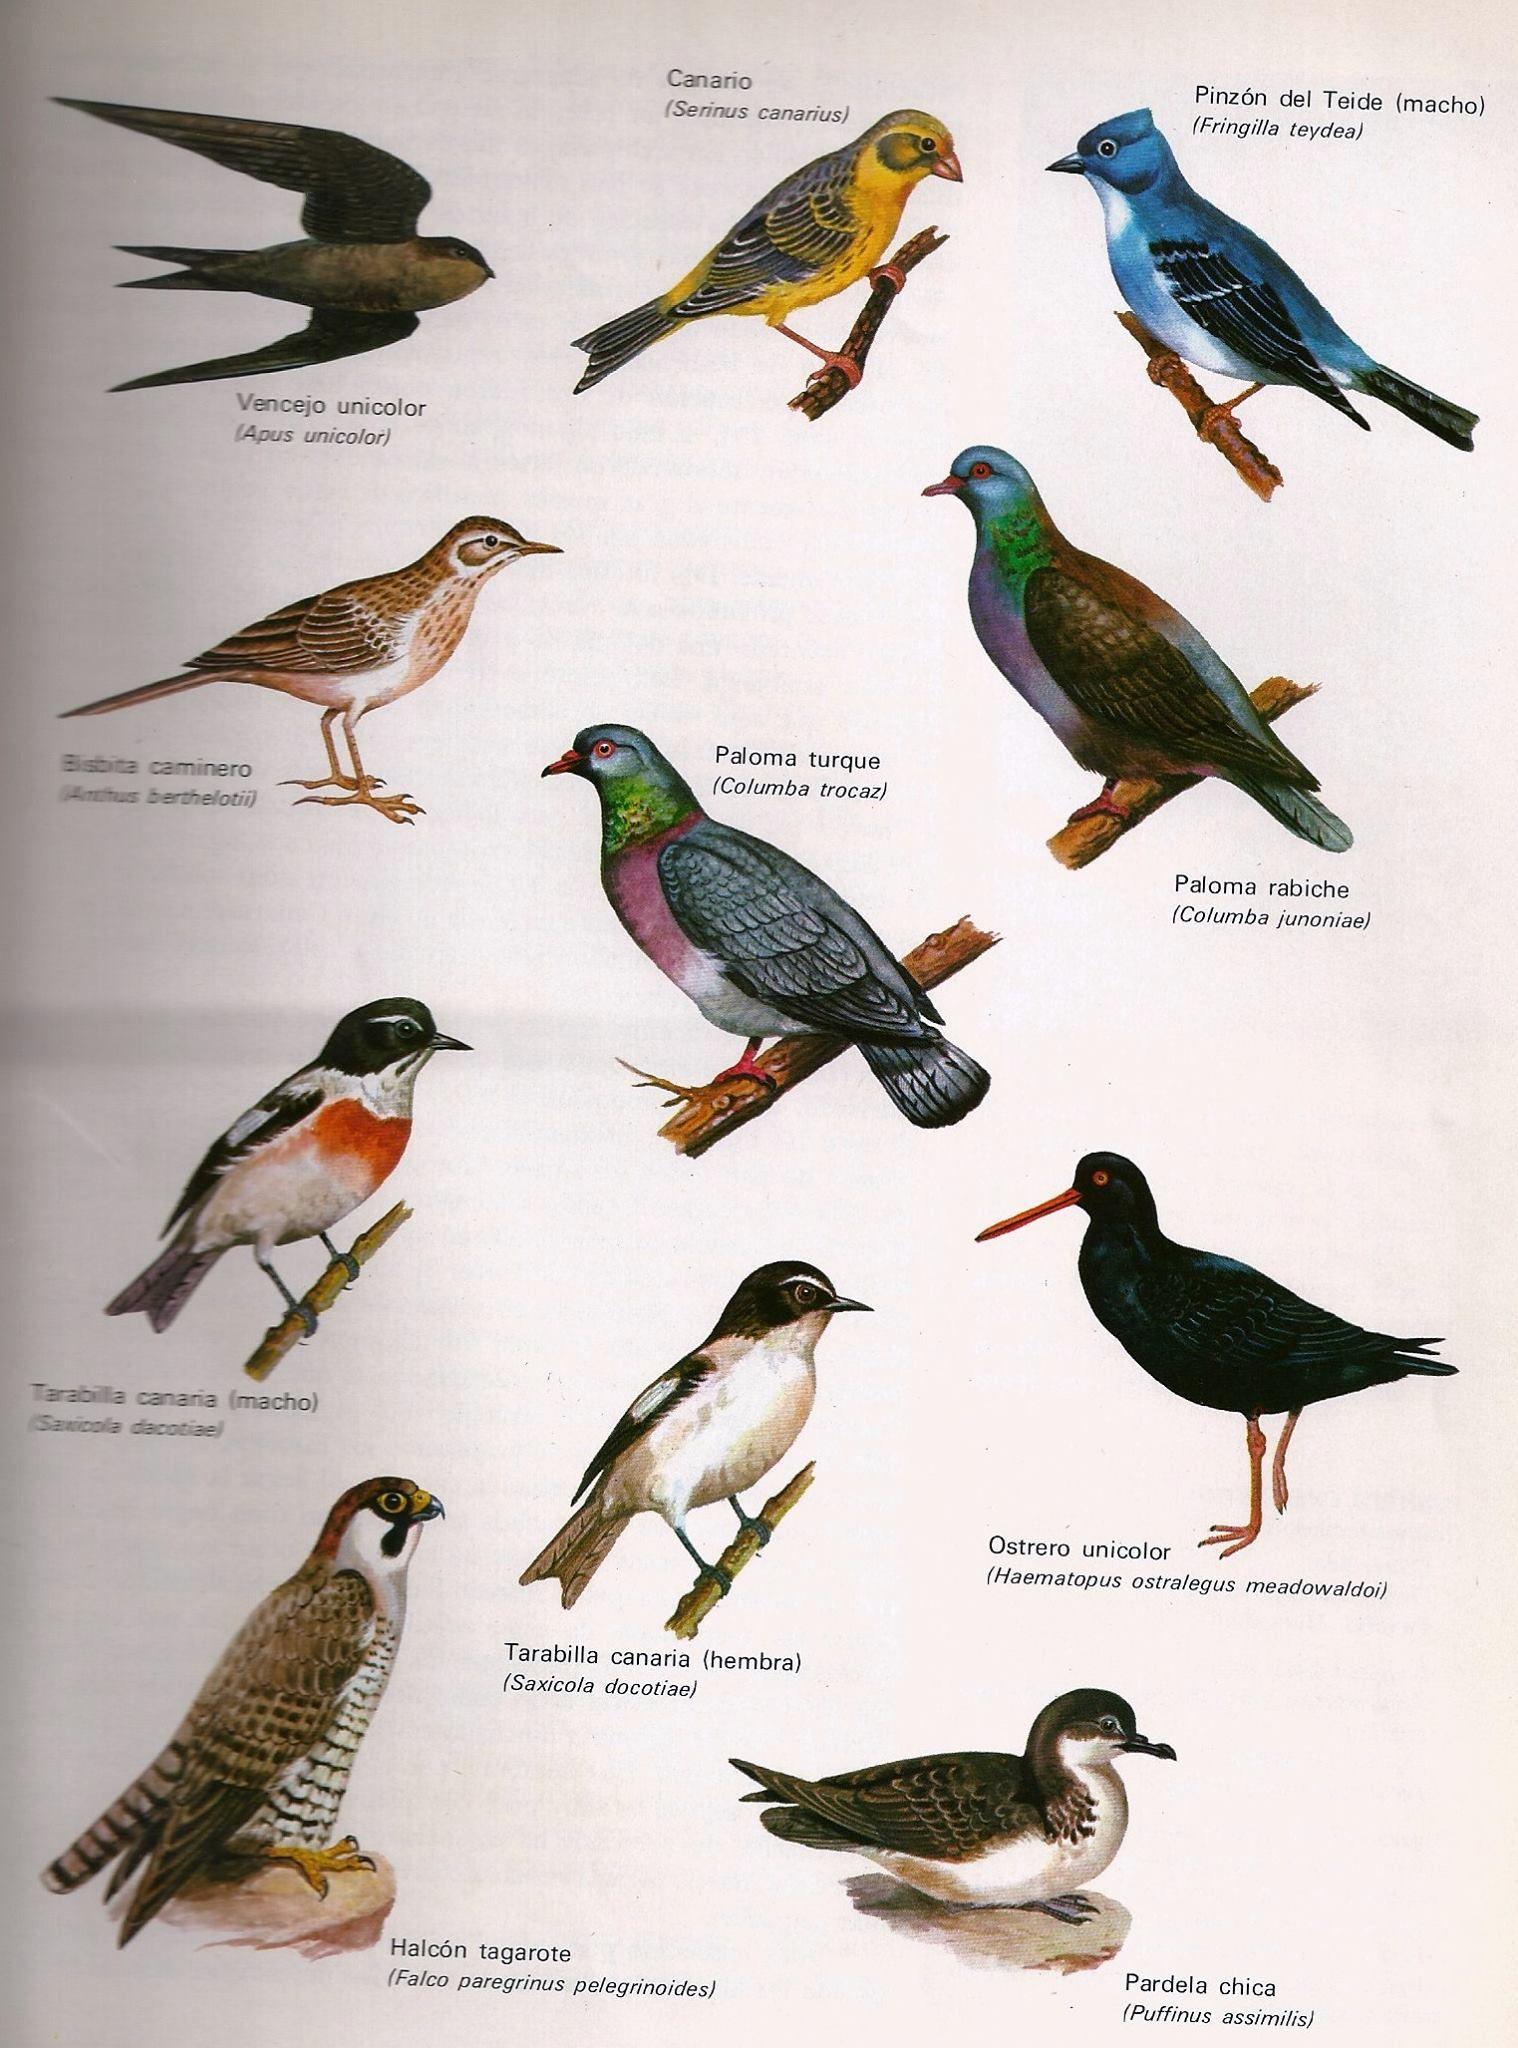 Pin de Roman Roman en ..Aves endémicas de Macaronesia (Canarias ...